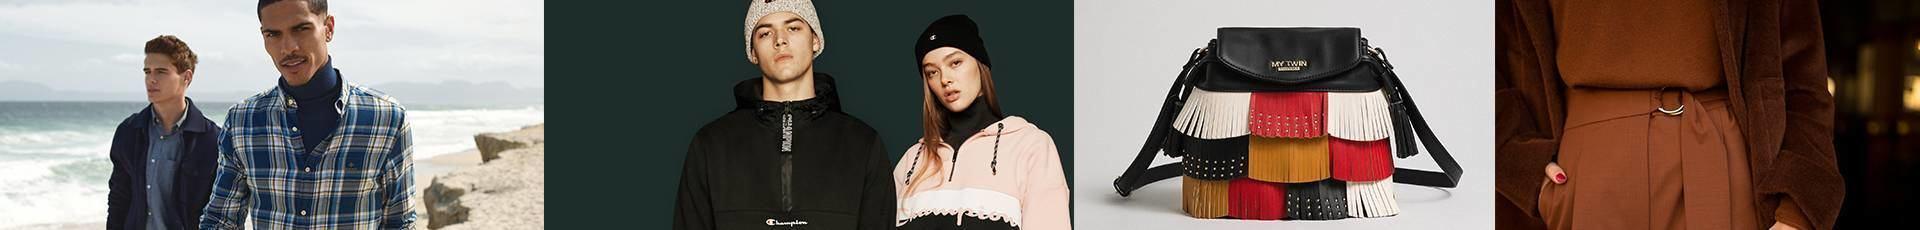 immagine di apertura pagina brand